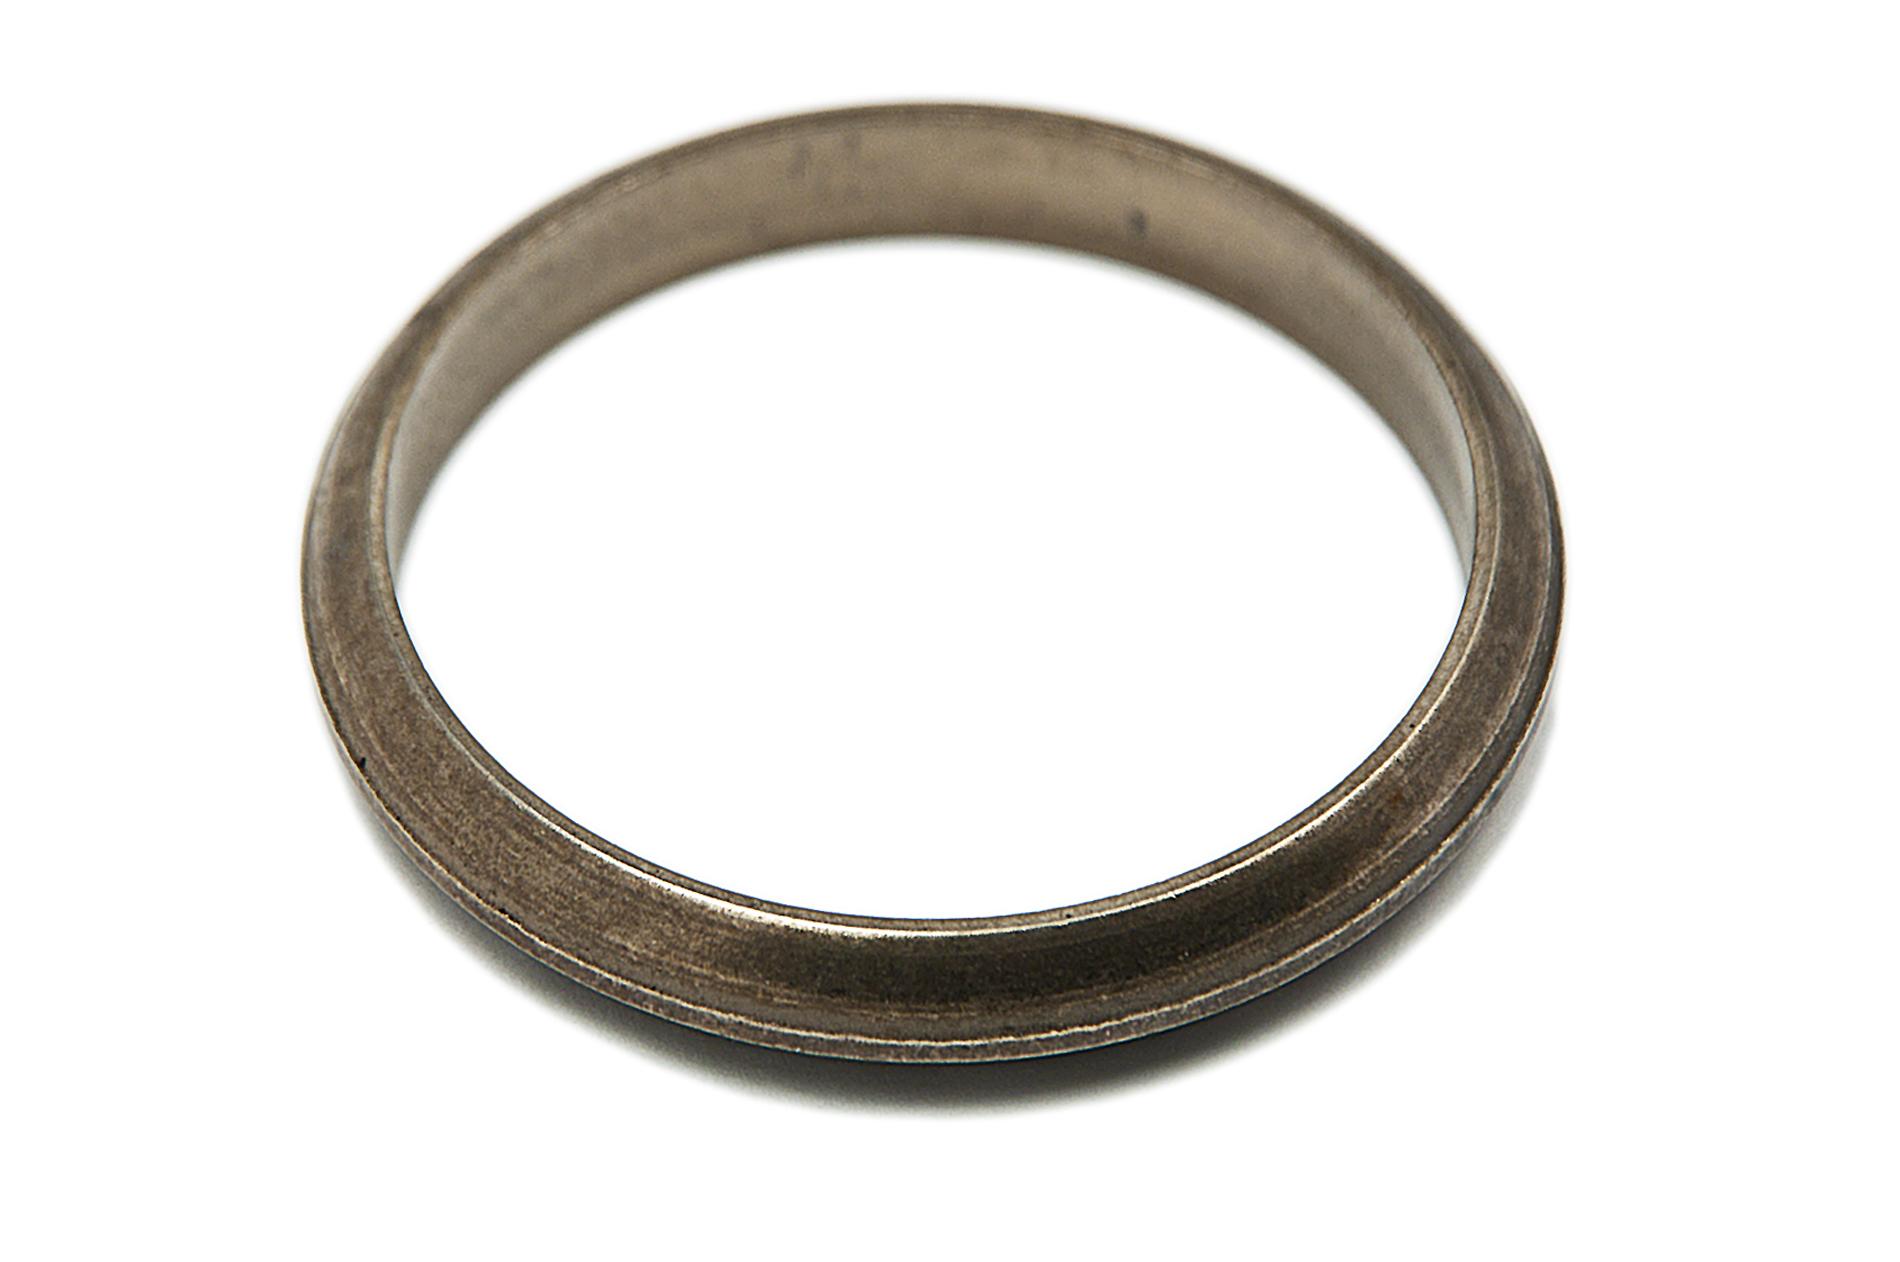 Bmw Genuine Exhaust Gasket Ring E36 E46 E85 E86 M3 3